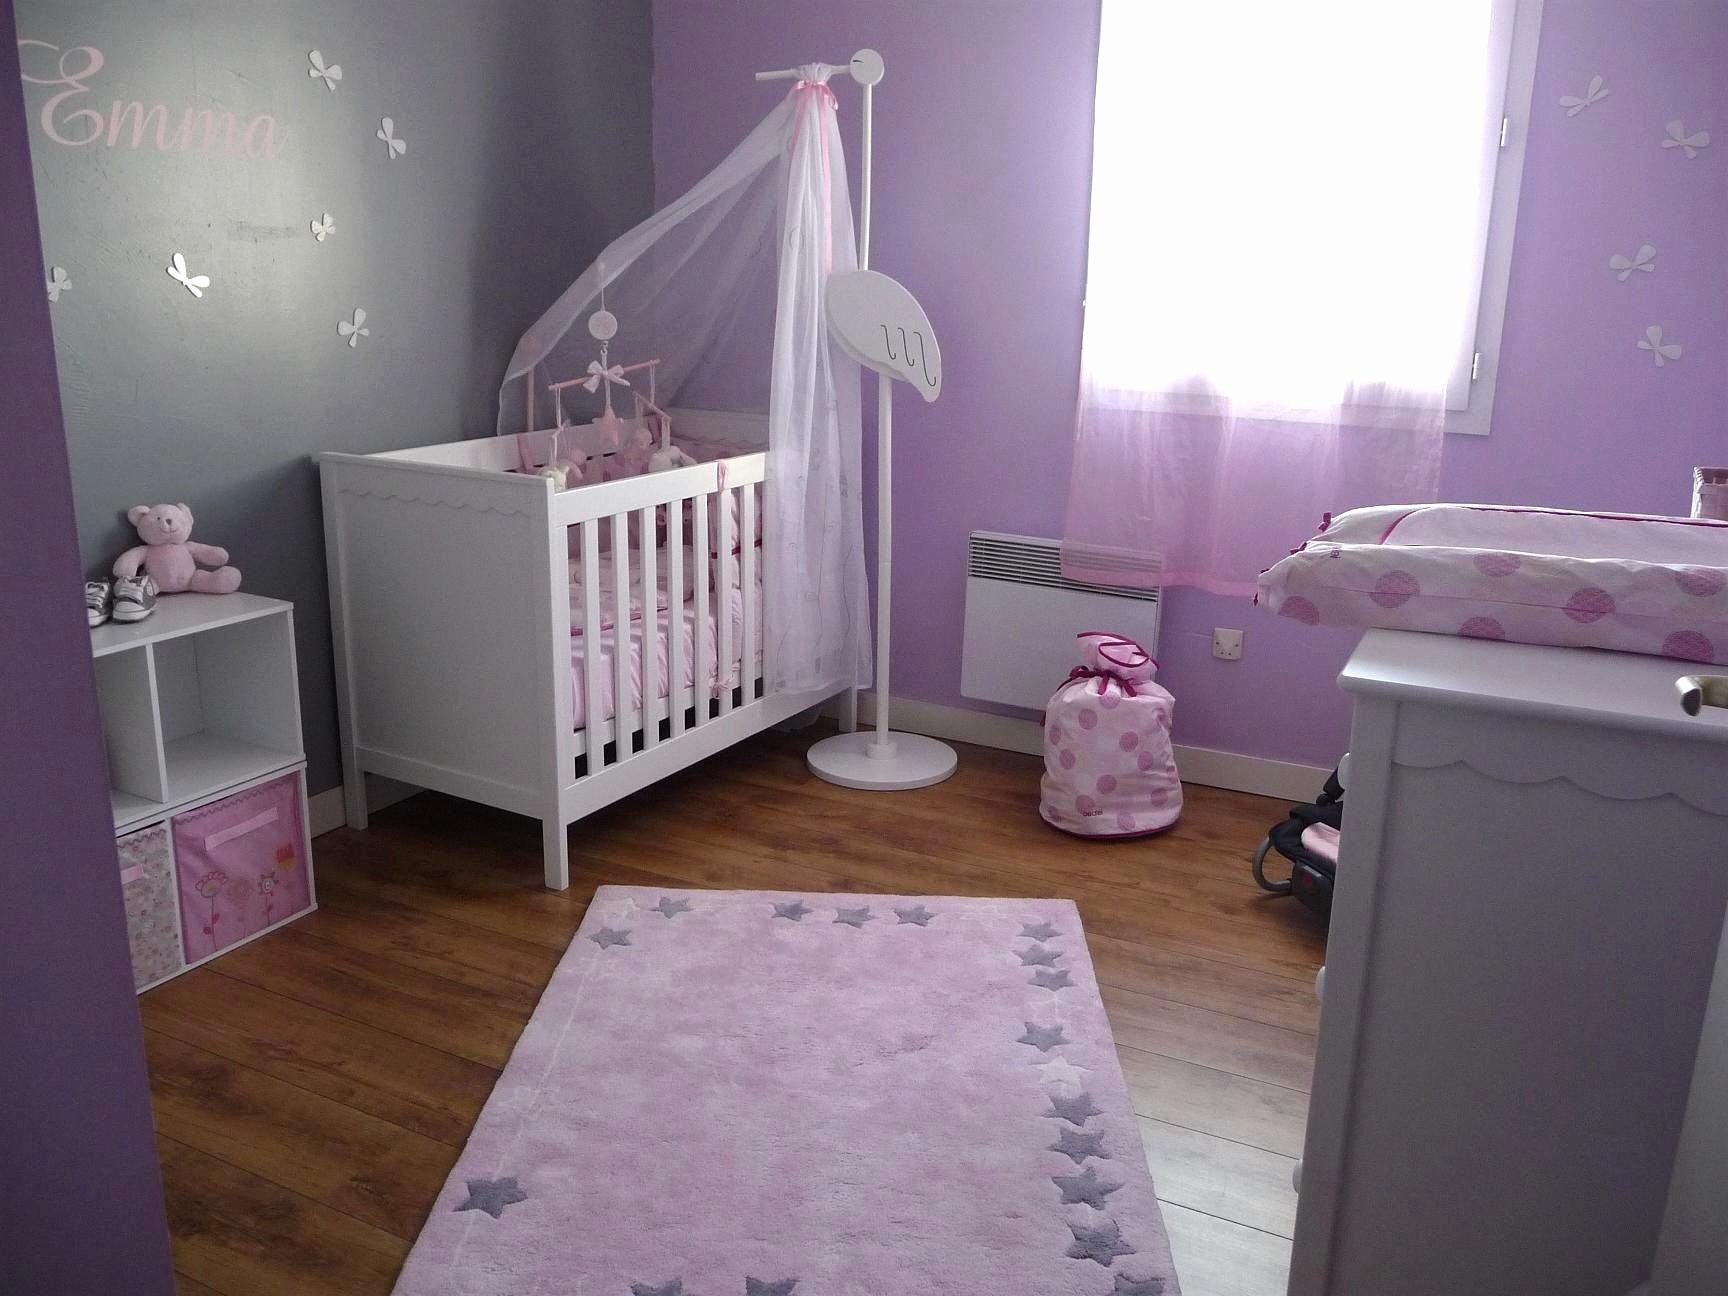 Chambre Violet Gris Élégant Image Deco Chambre Fille Rose Ides Dimages De Chambre Fille Violet Et Rose